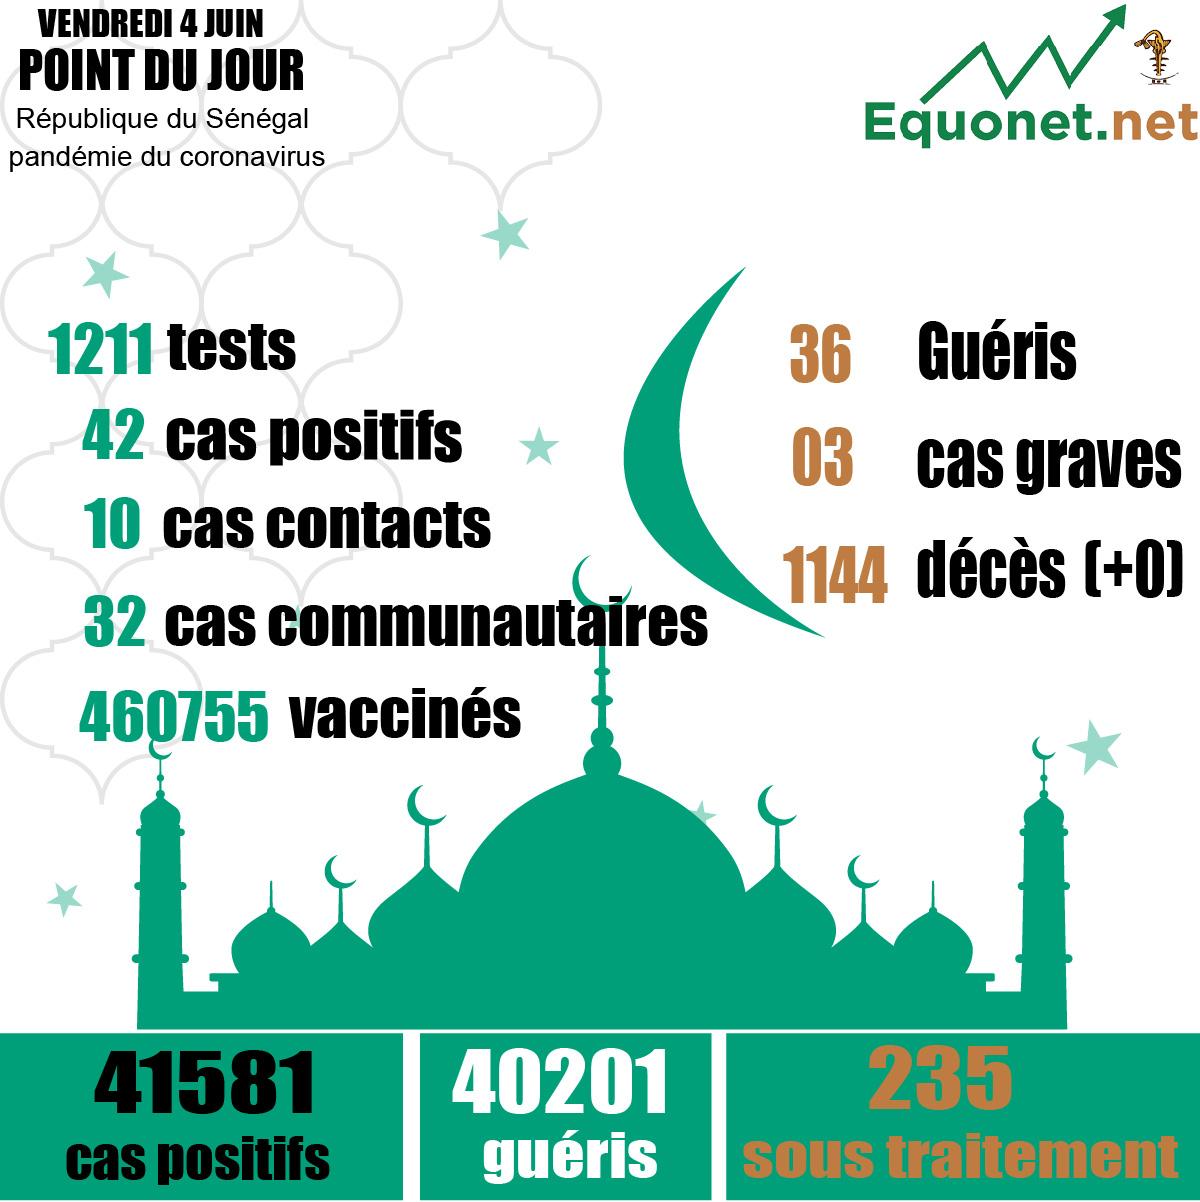 pandémie du coronavirus-covid-19 au sénégal : 32 cas communautaires et 00 décès enregistrés ce vendredi 04 juin 2021